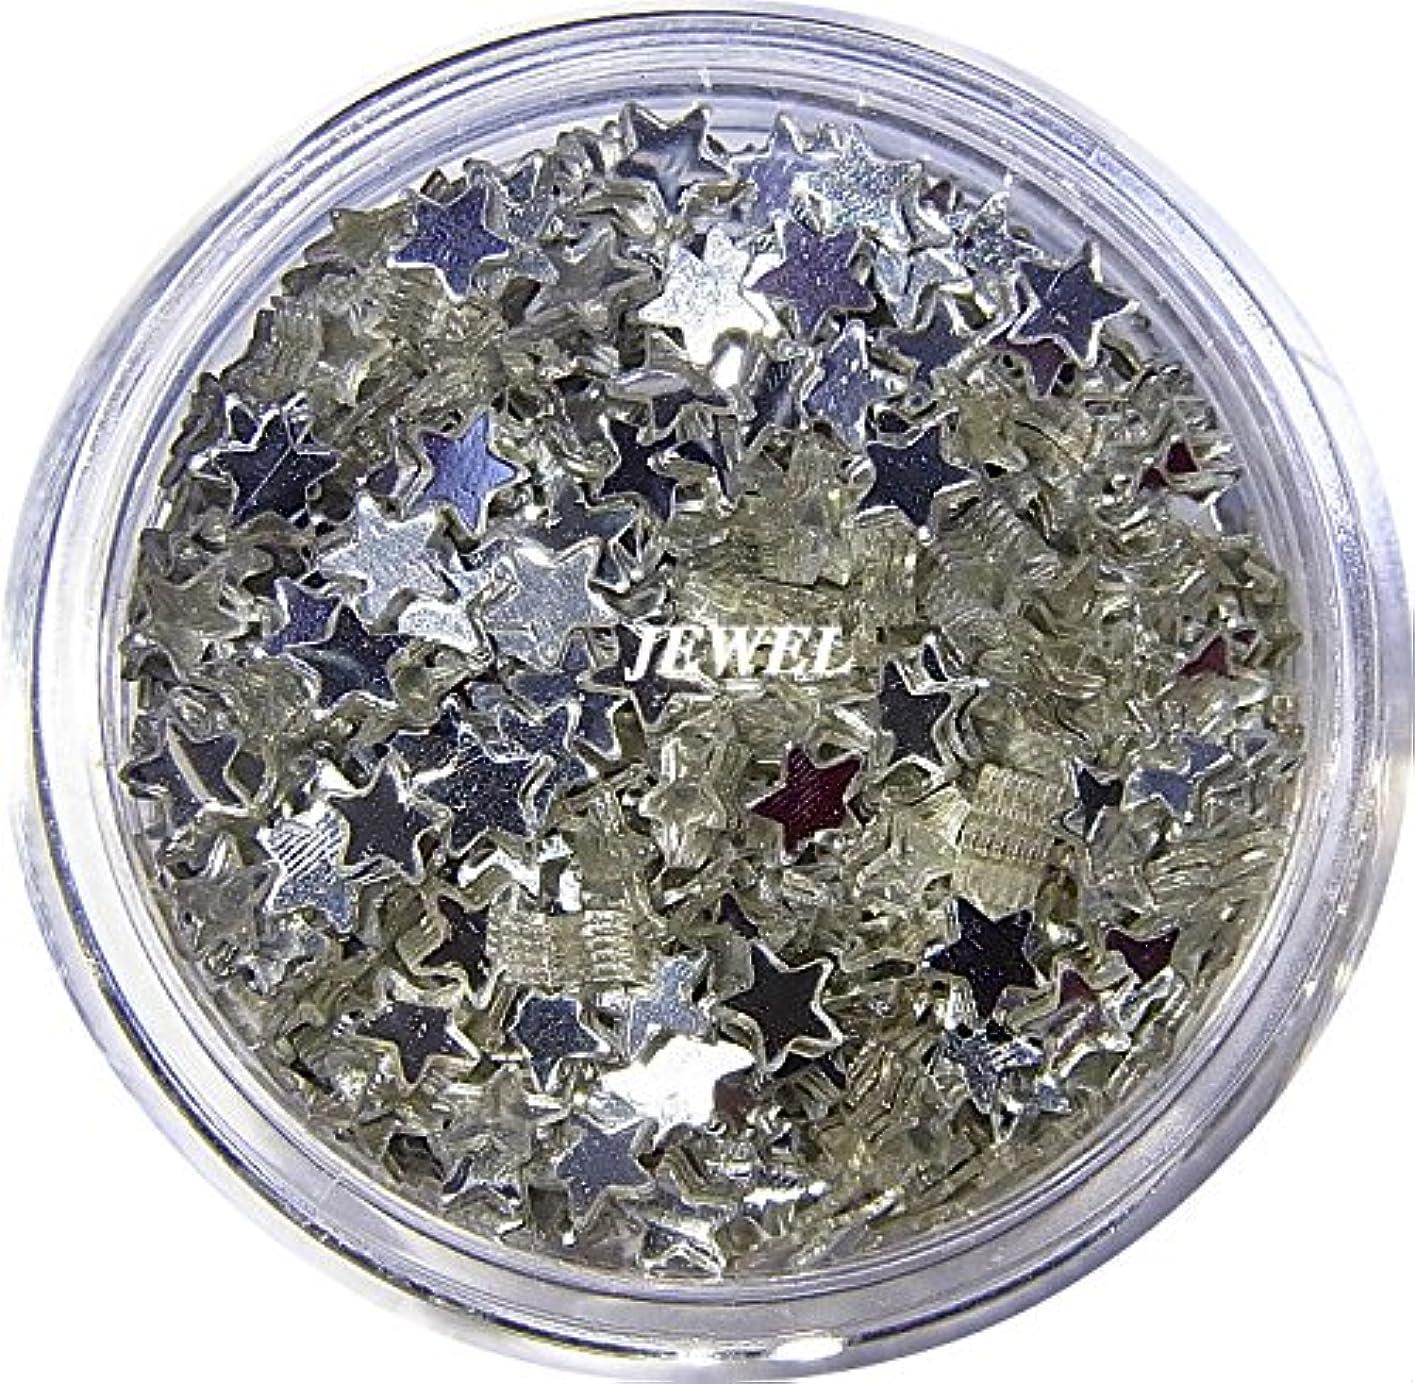 批判的五回想【jewel】 星ホログラム 2.5mm シルバー スター 2g入り レジン&ネイル用